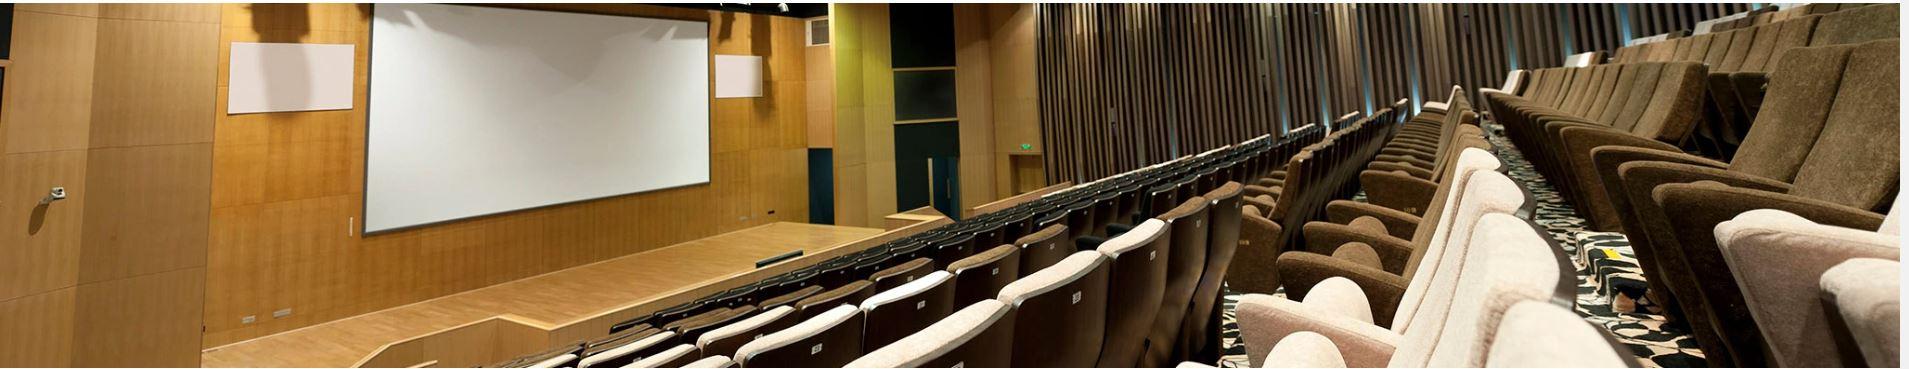 Videoproiector Sony VPL-FHZ120/B amfiteatru